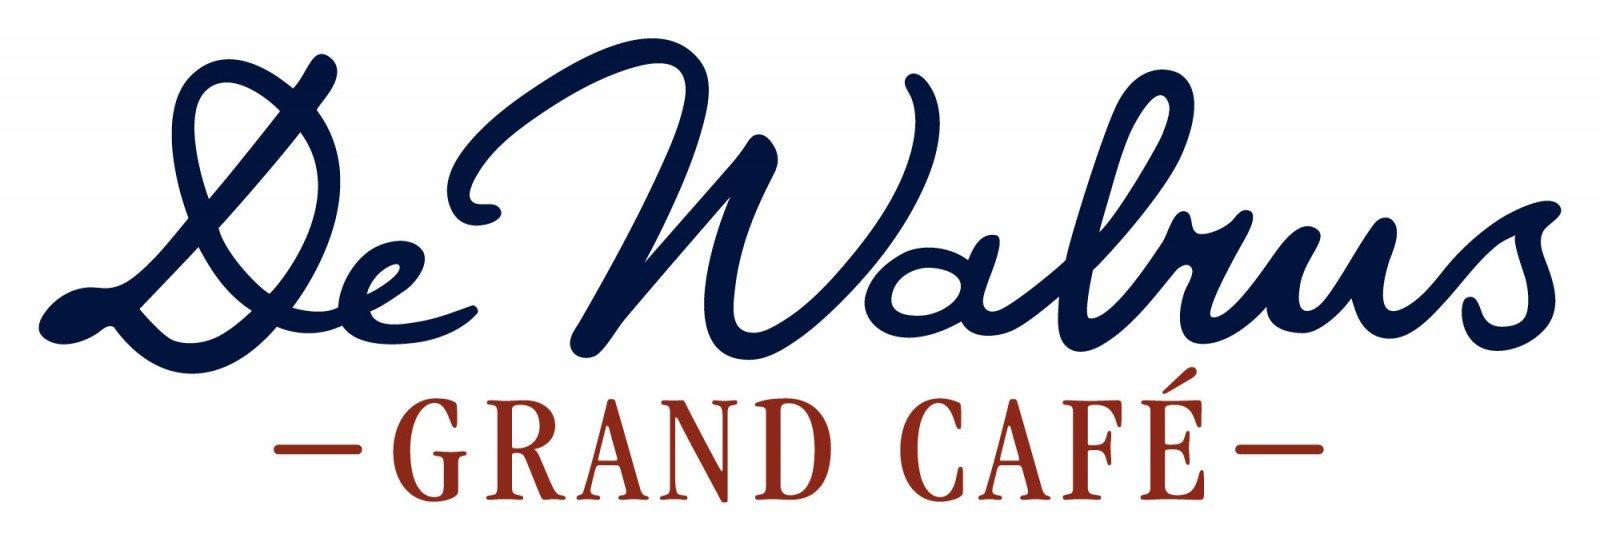 Grand Café De Walrus